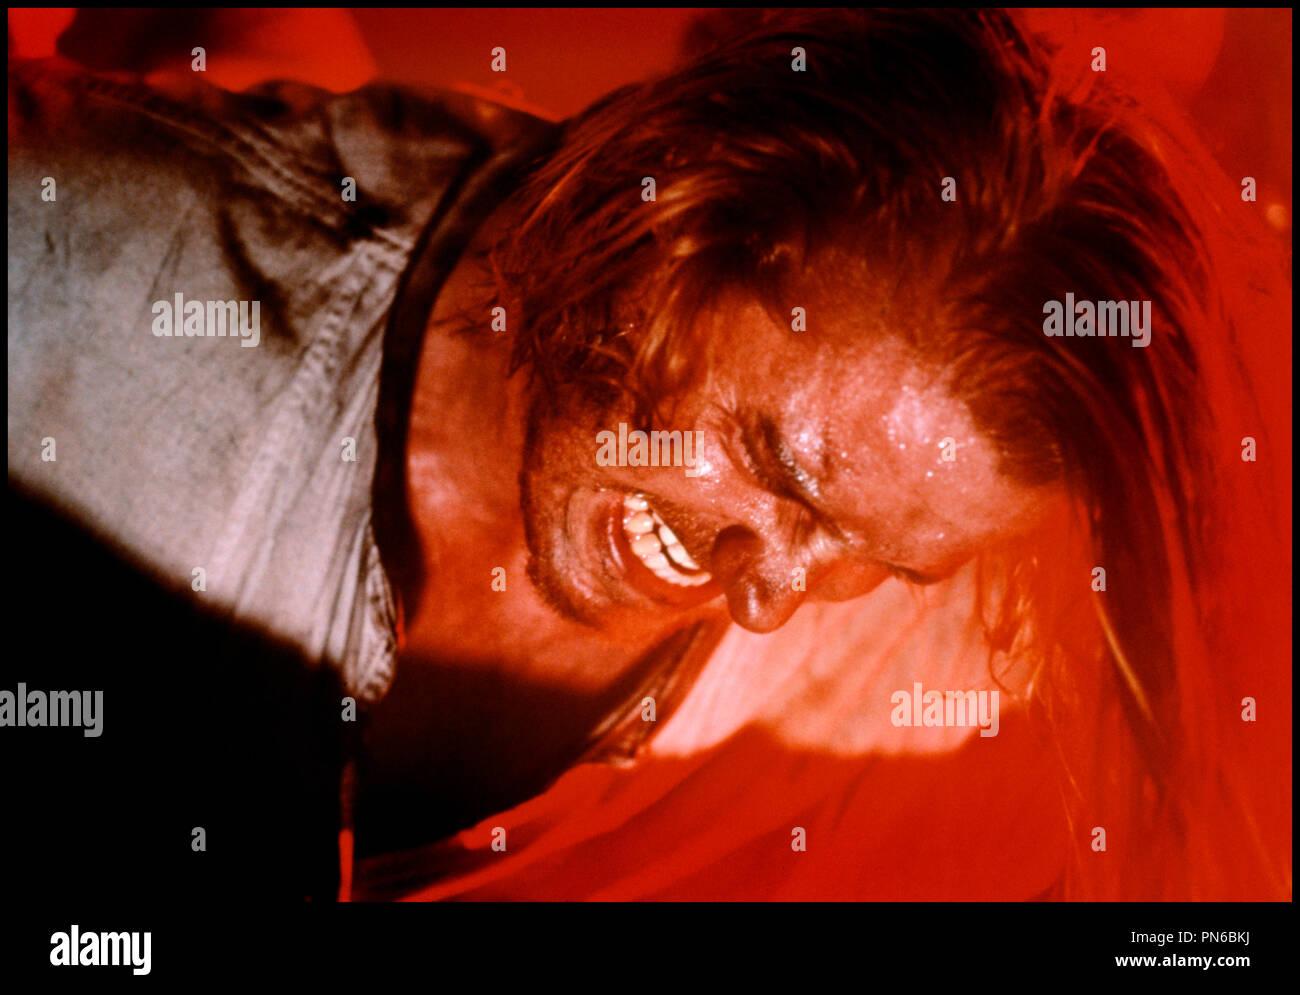 Prod DB © Working Title / DR EDWARD II (EDWARD II) de Derek Jarman 1991 GB avec Steven Waddington douleur, souffrance, serrer les dents, rage, colère, torture d'après la pièce de Christopher Marlowe - Stock Image